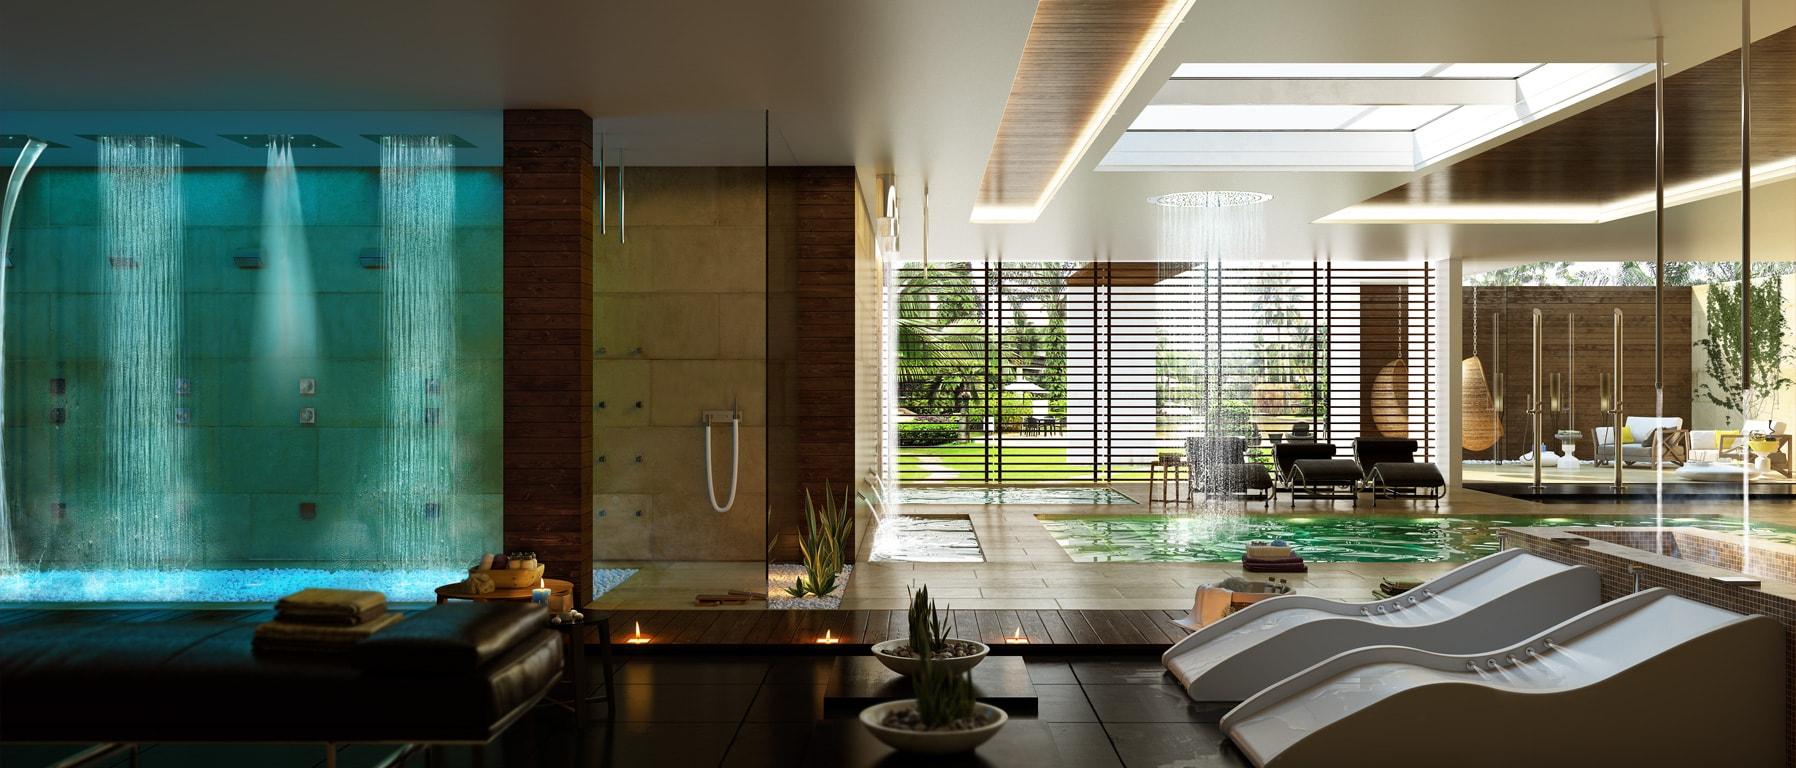 Programme Spa-Home-Wellness de Bossini - Remise en forme en salle de bain